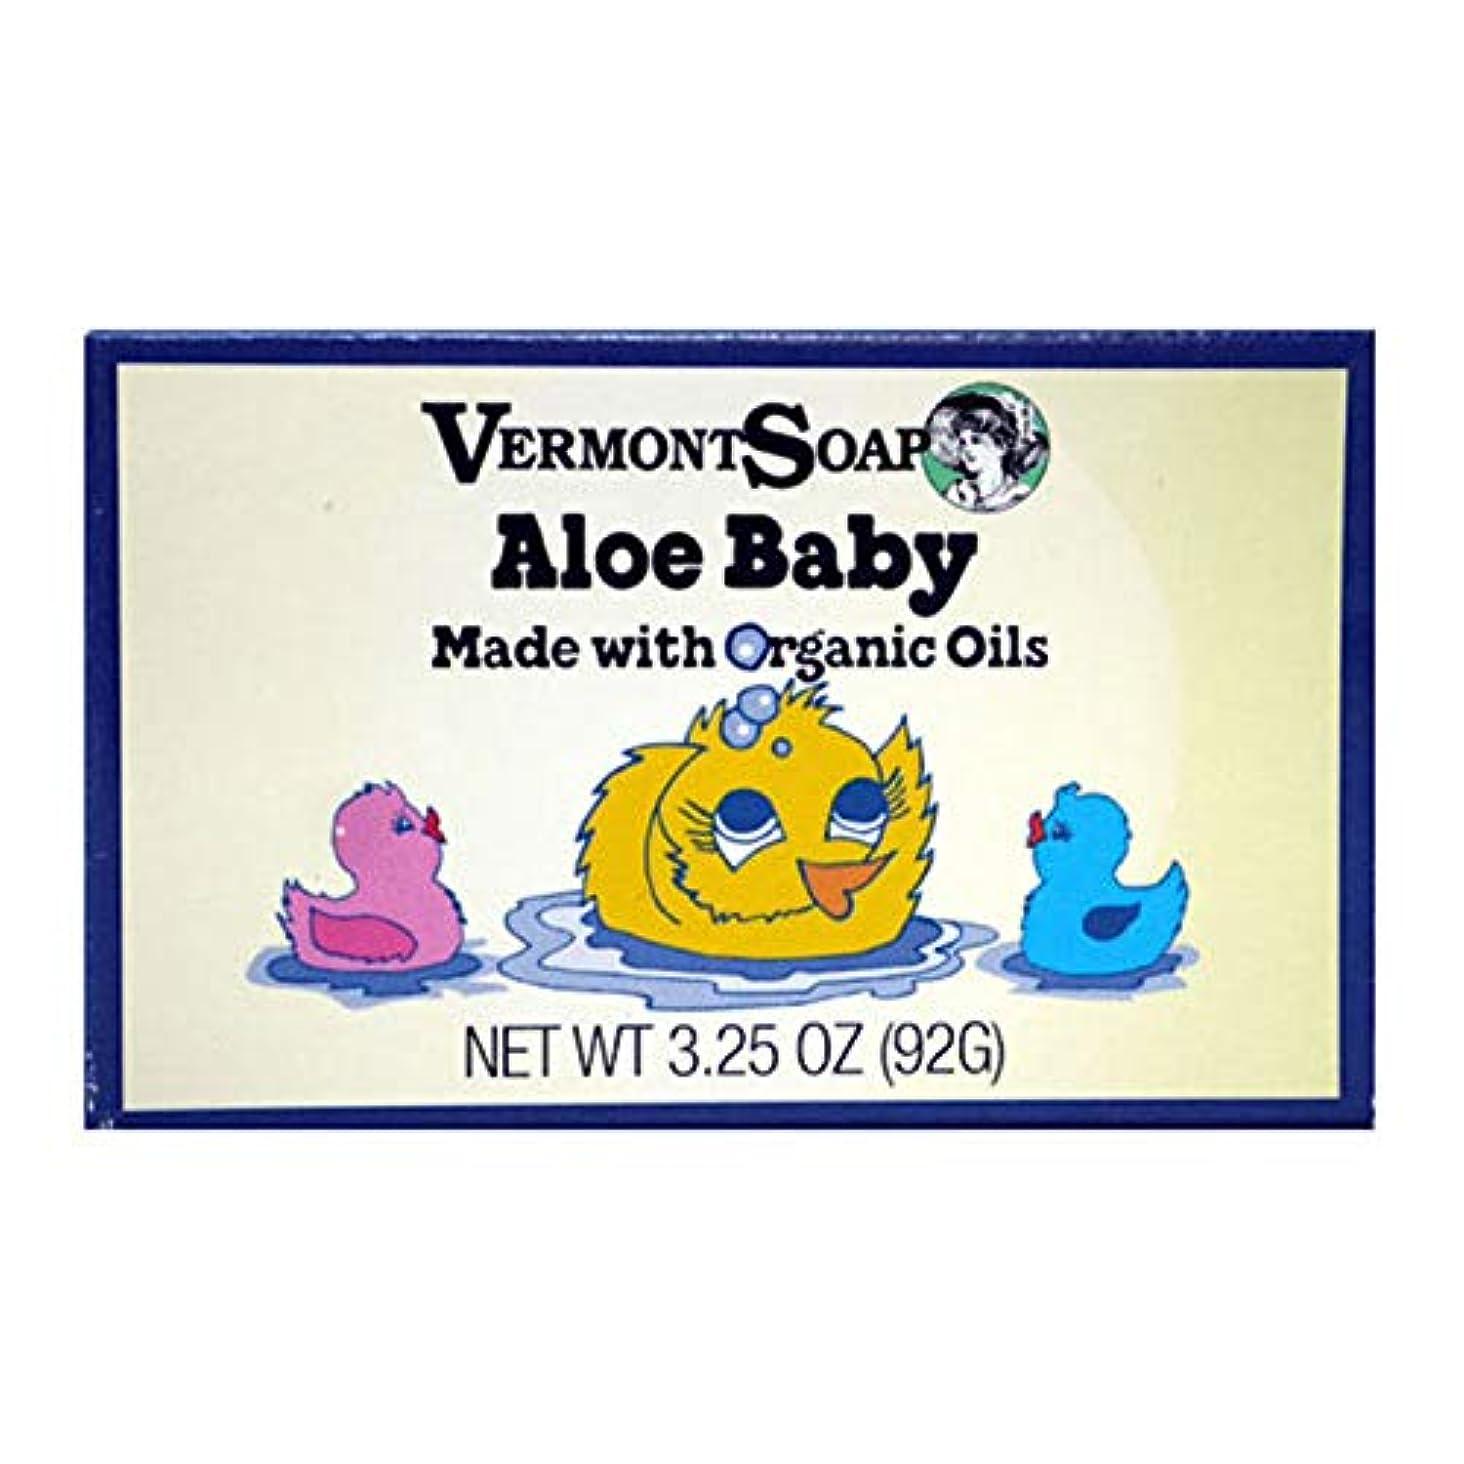 メディカルバッジ補助バーモントソープ アロエベビー オーガニック 全身ベビーソープ 赤ちゃん石鹸 92g